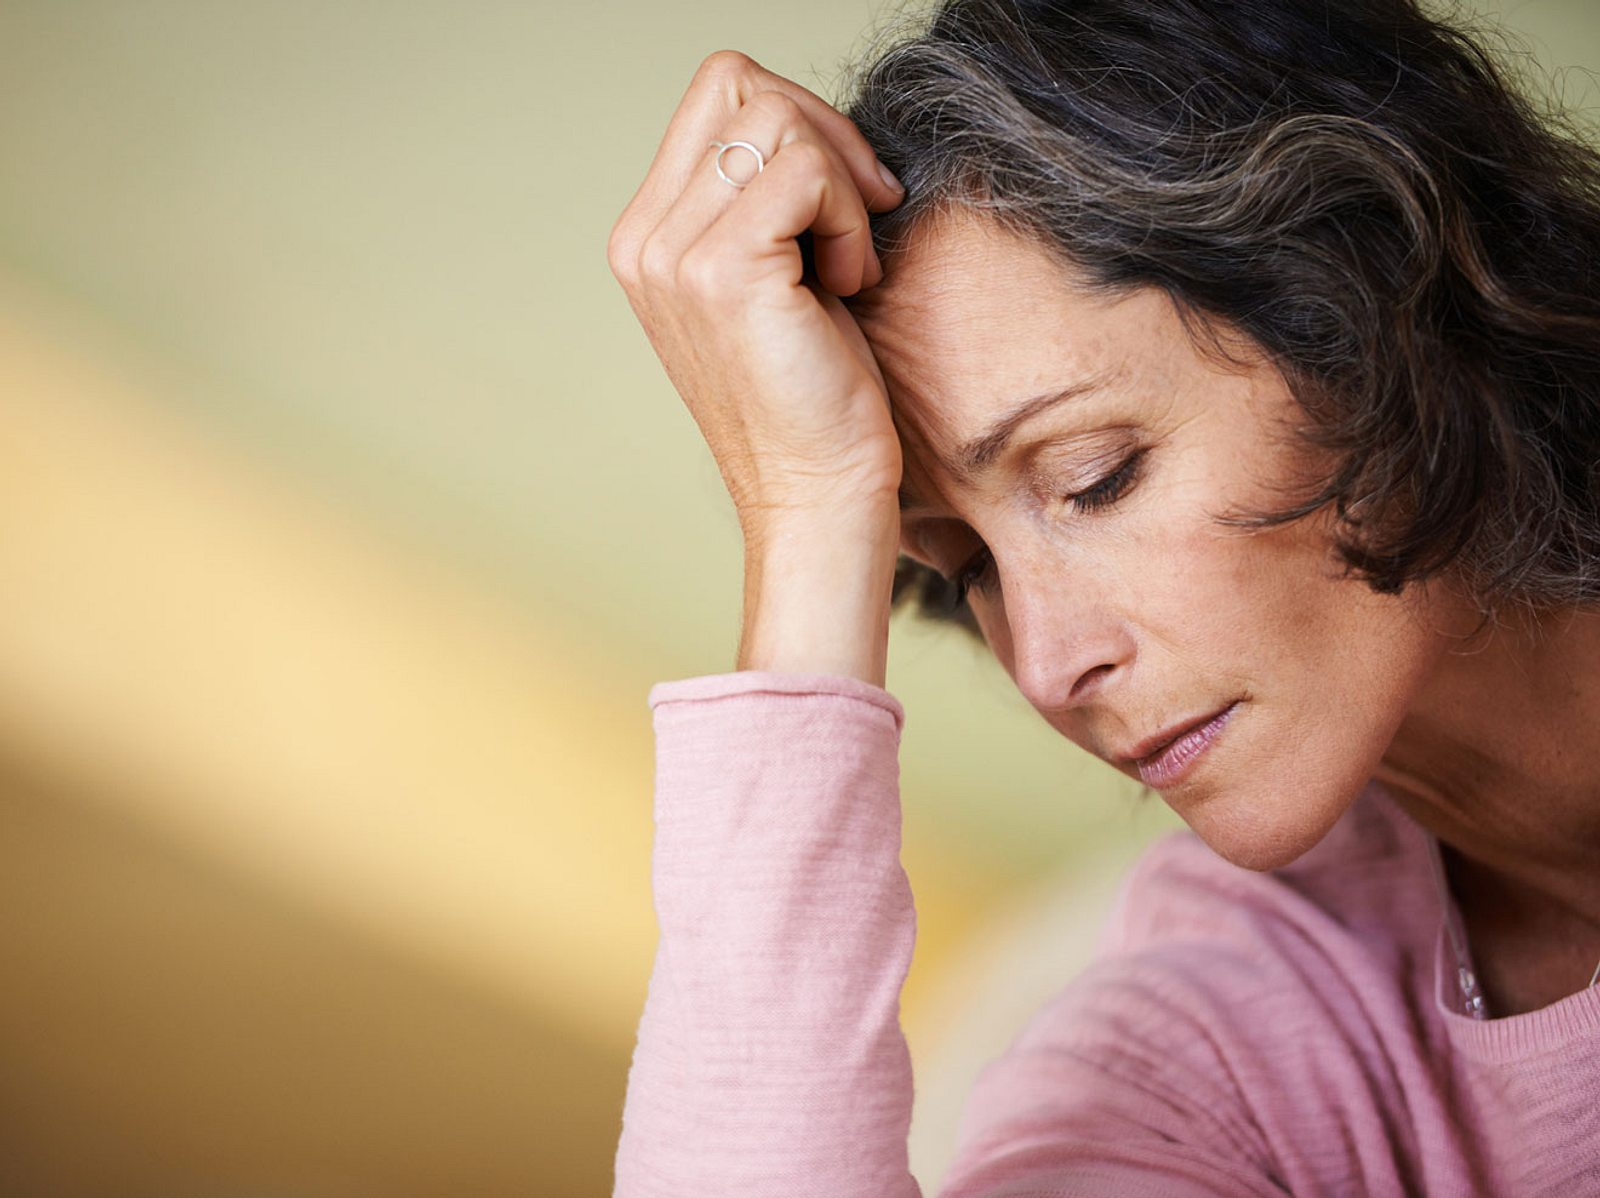 Depression in den Wechseljahren: Das können Sie dagegen